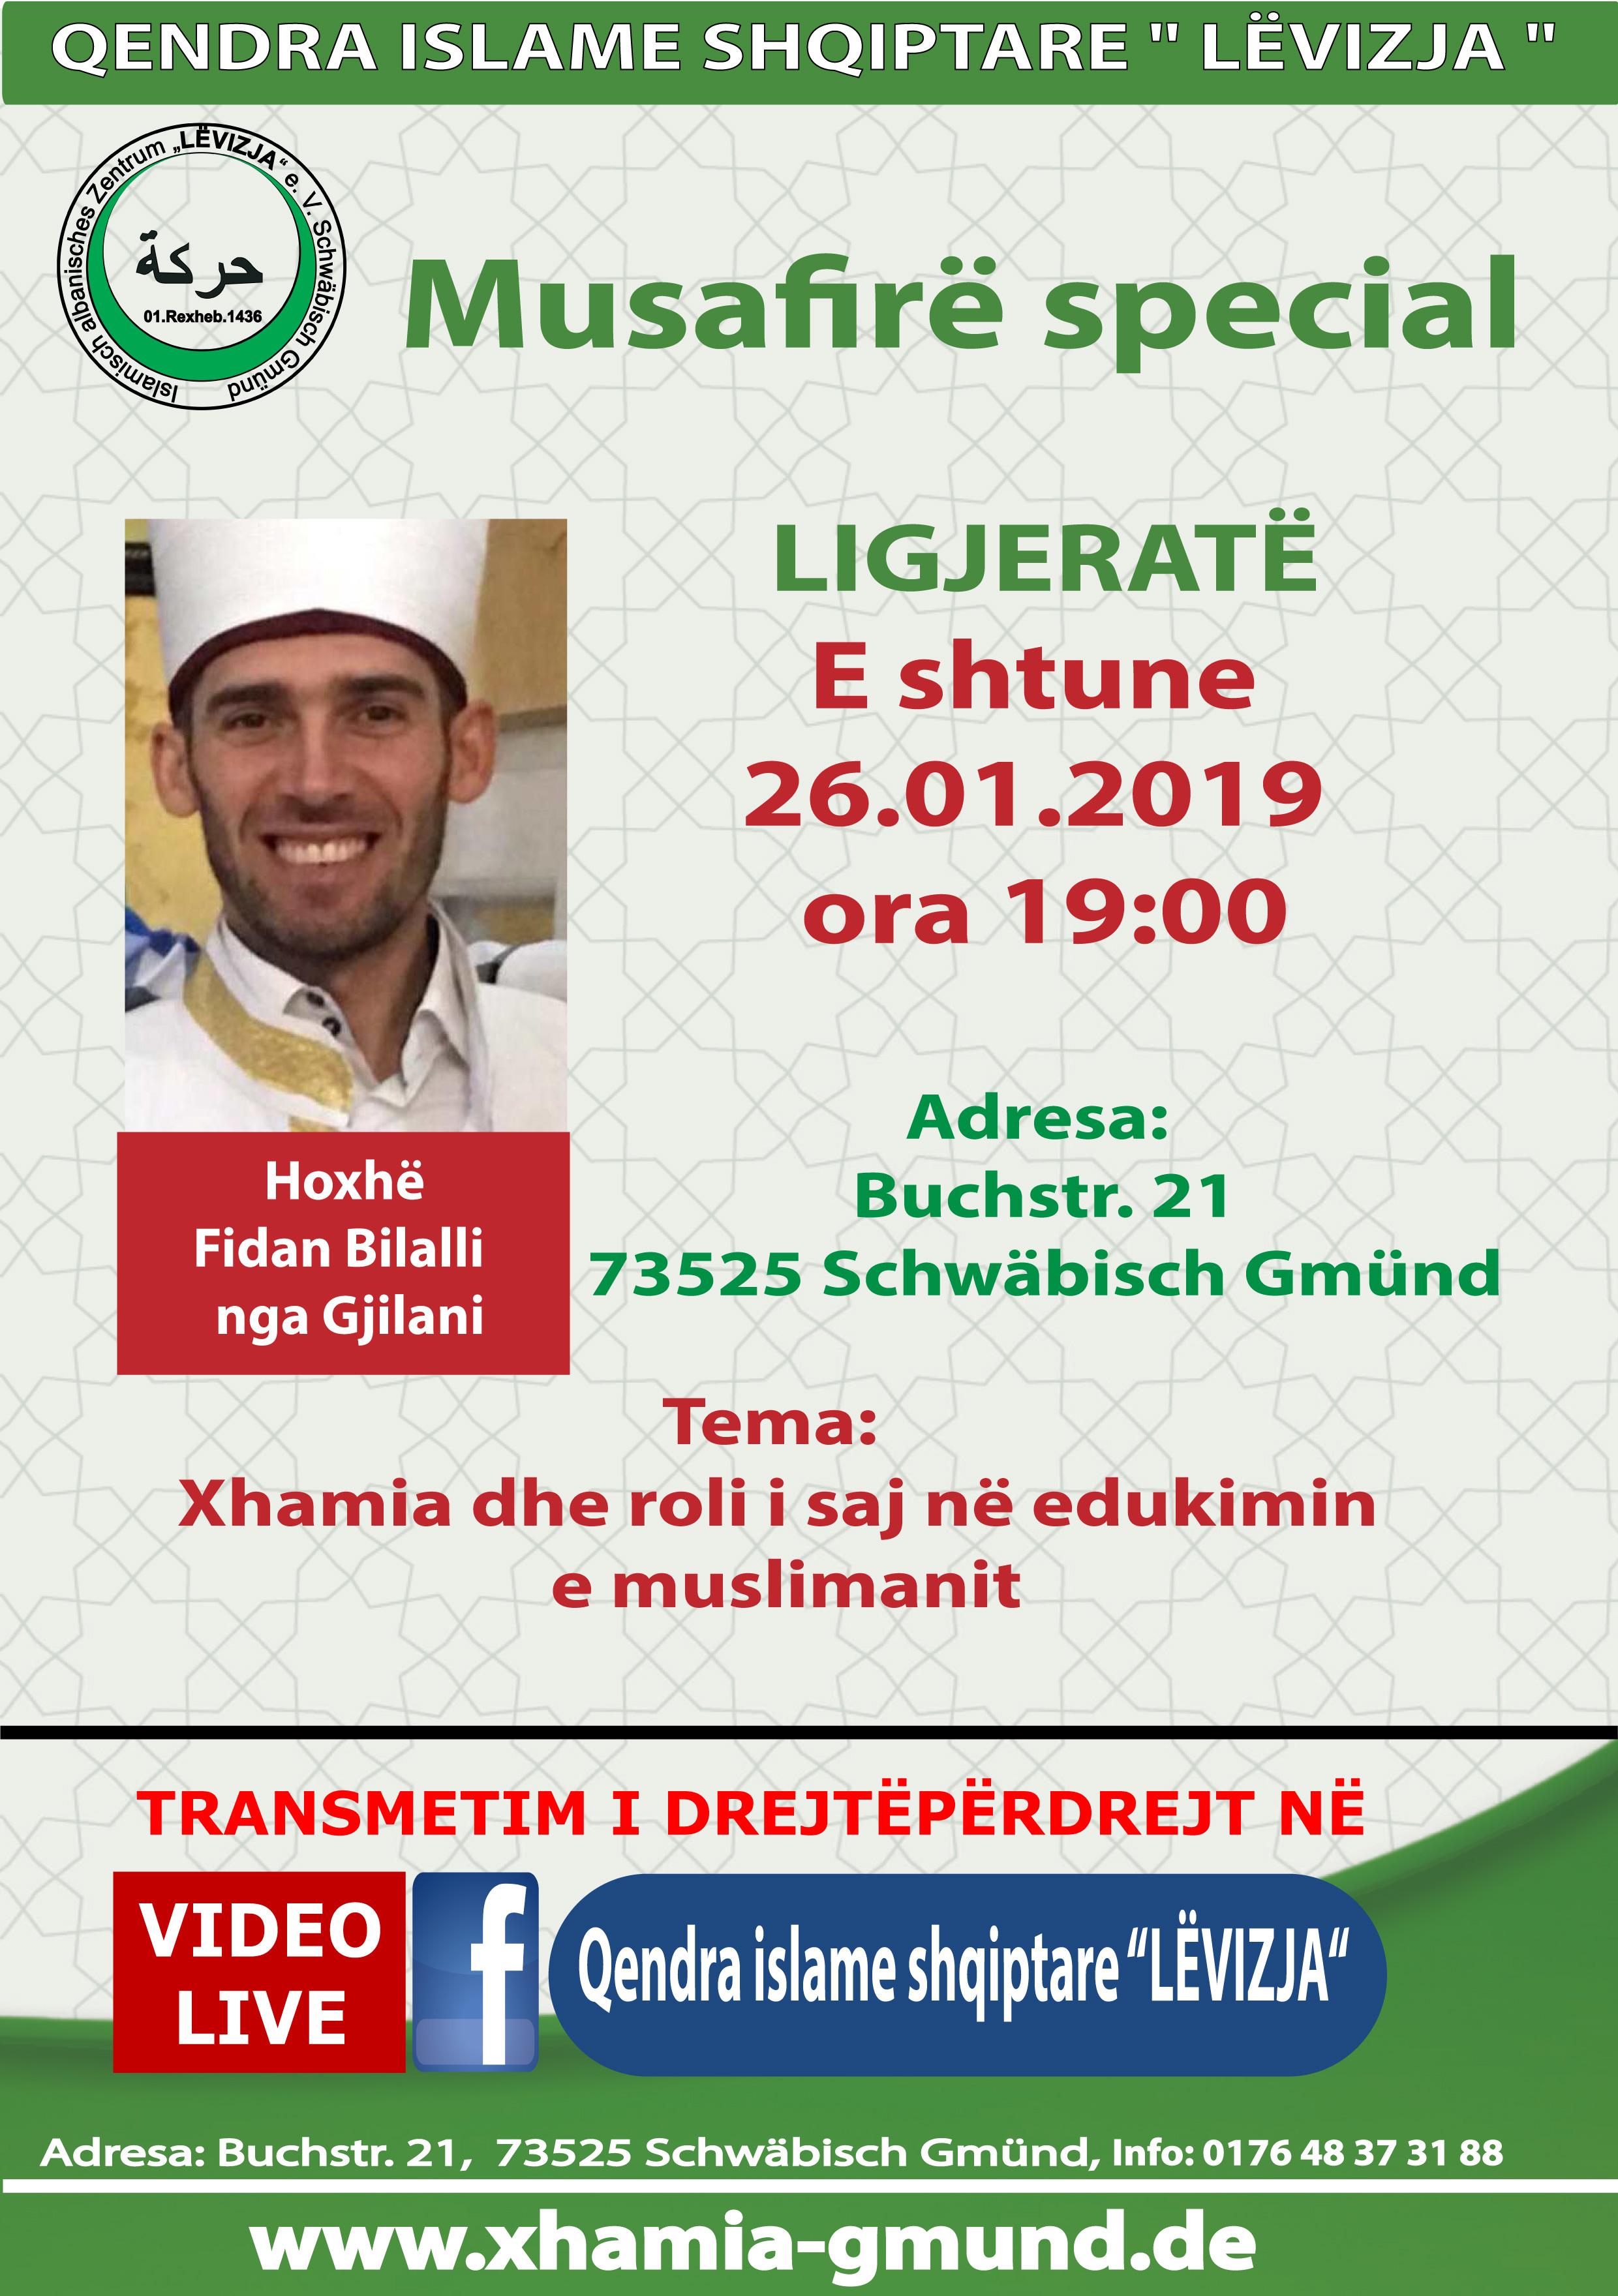 Fletushka - Tribun me Hoxhe Fidan Bilali  26.01.2019